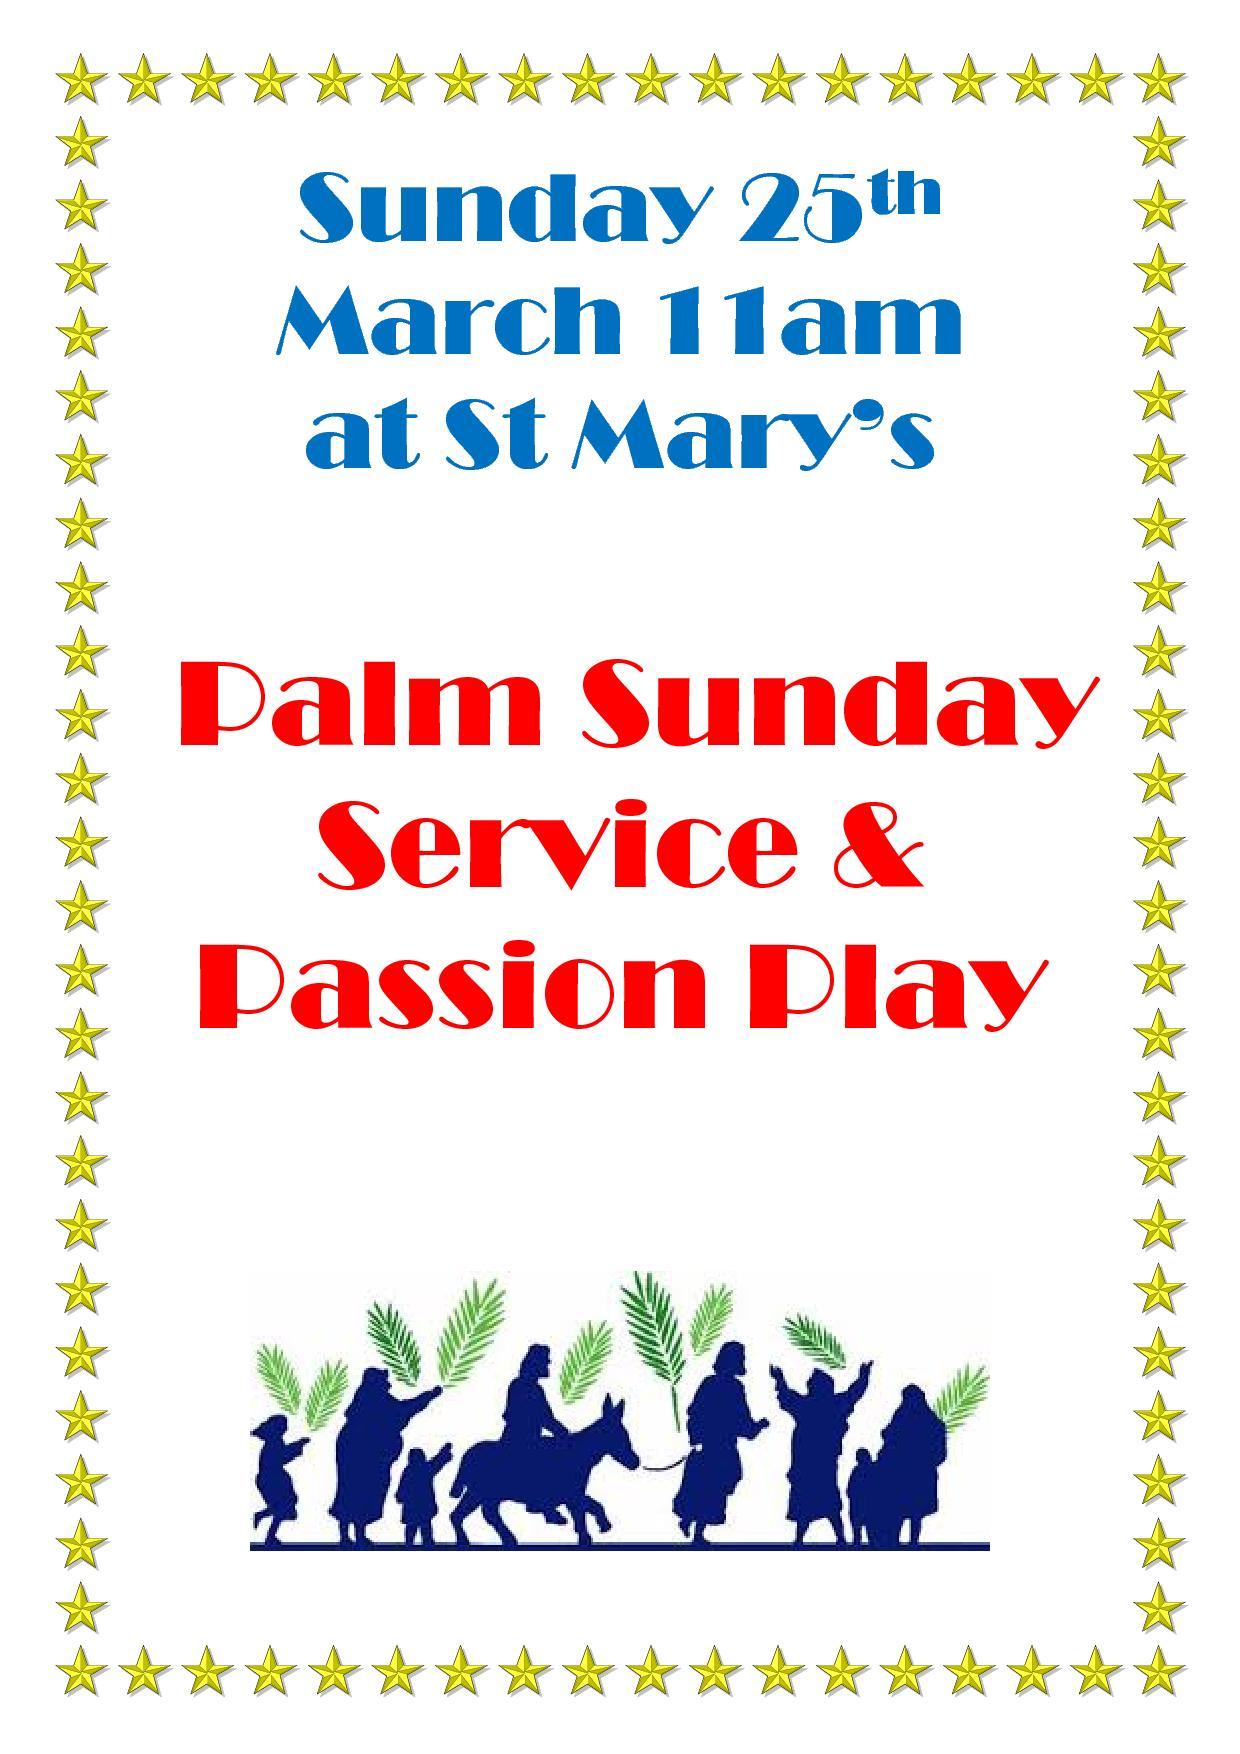 Palm Sunday Service Poster1